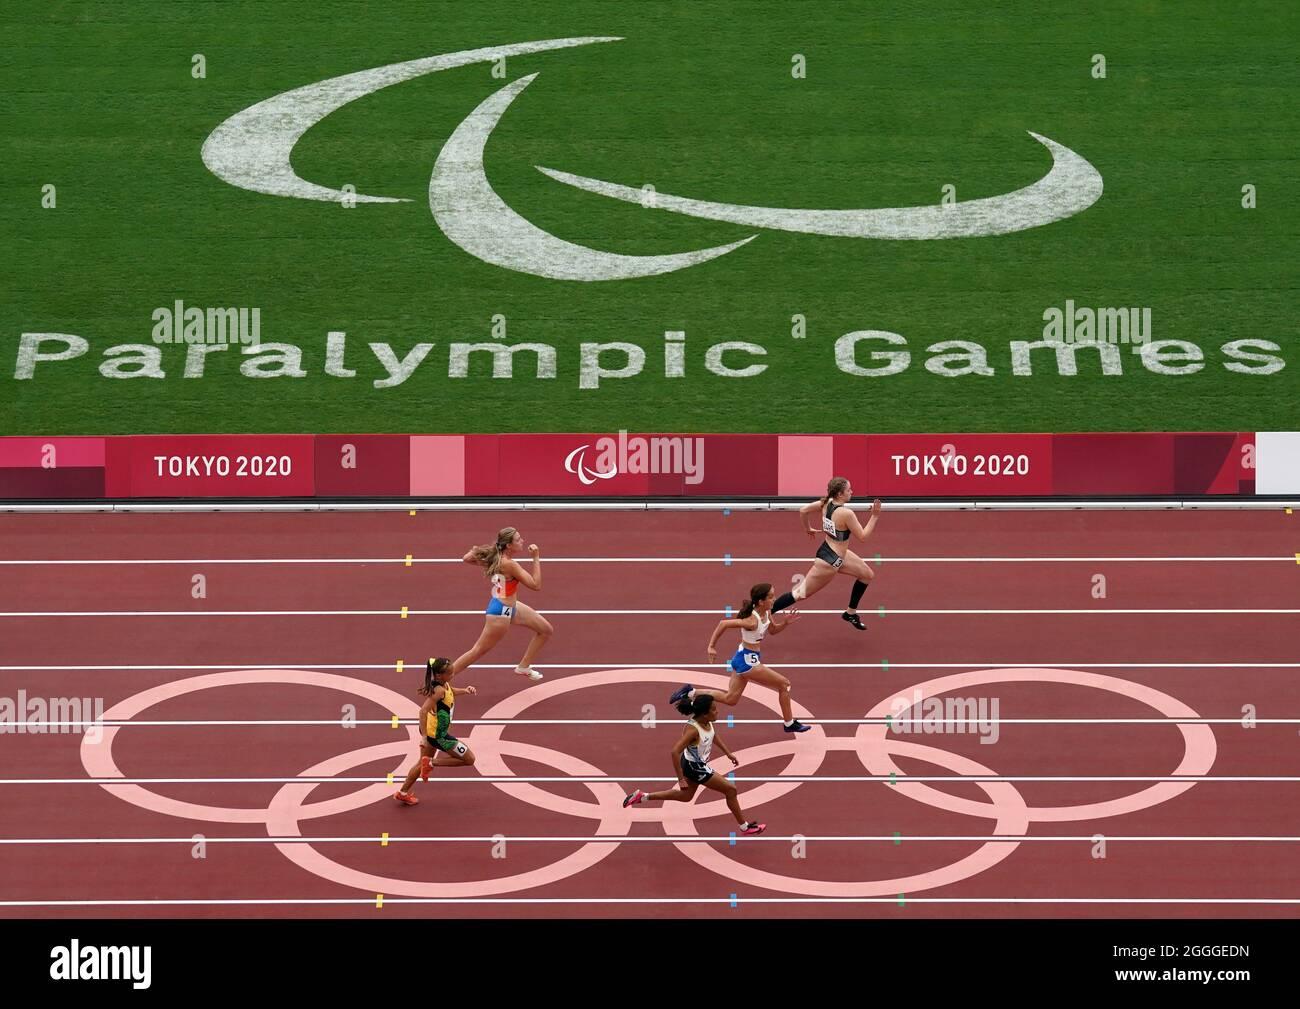 Danielle Aitchison, neozelandese, è sulla strada per vincere il T36 Heat 1 da 100 m delle donne allo Stadio Olimpico durante il giorno otto dei Giochi Paralimpici di Tokyo 2020 in Giappone. Data foto: Mercoledì 1 settembre 2021. Foto Stock